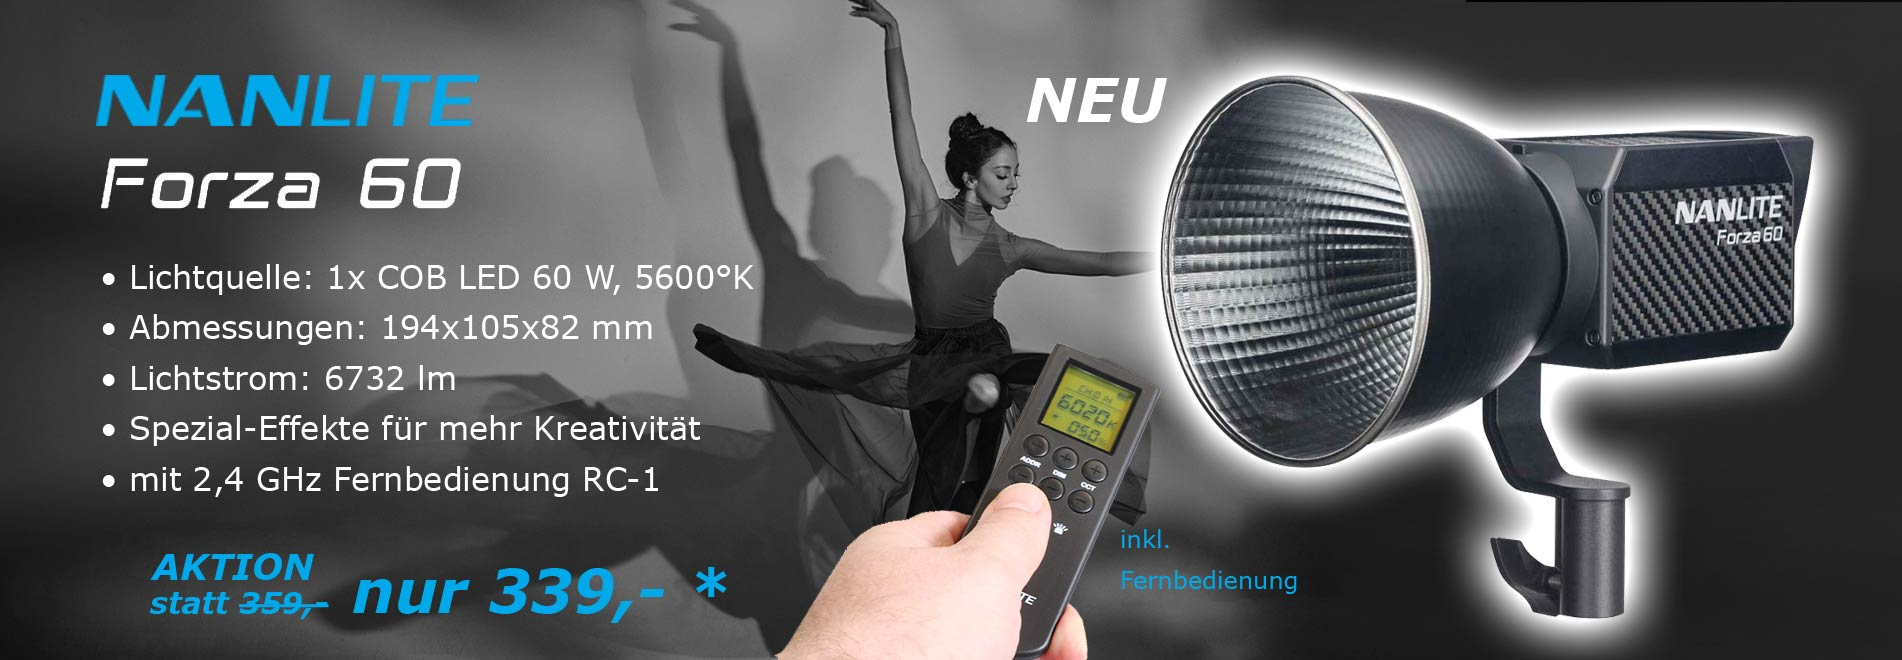 led_studioleuchte Forza 60 NANLITE